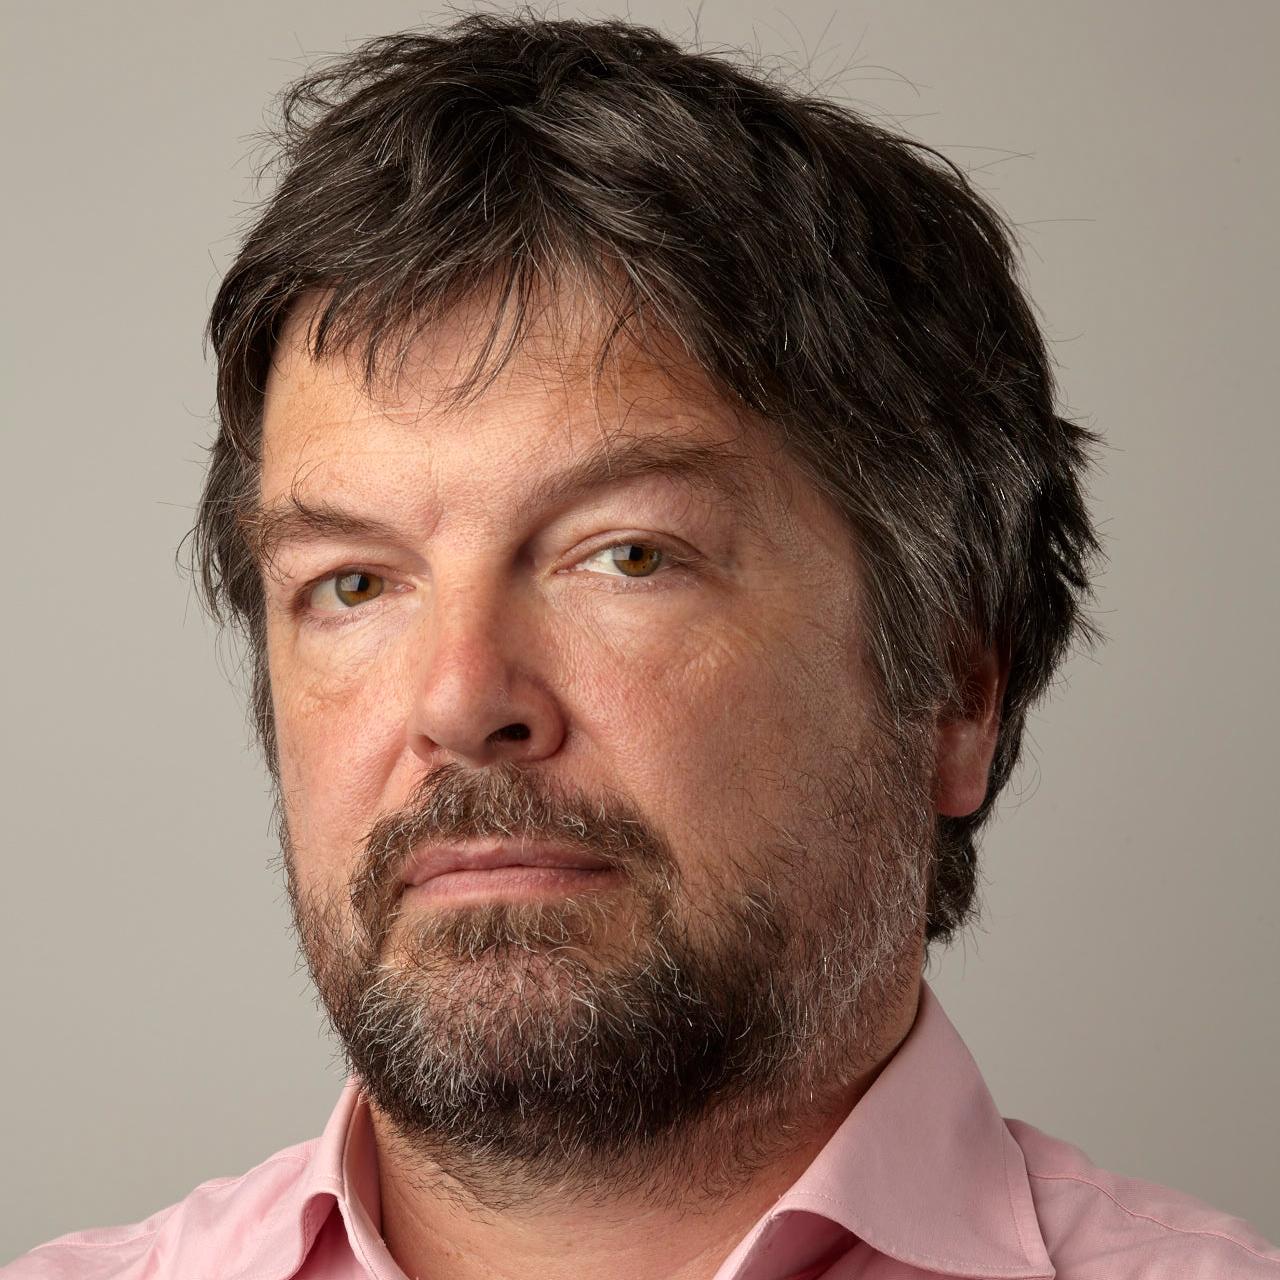 Michael Werzowa